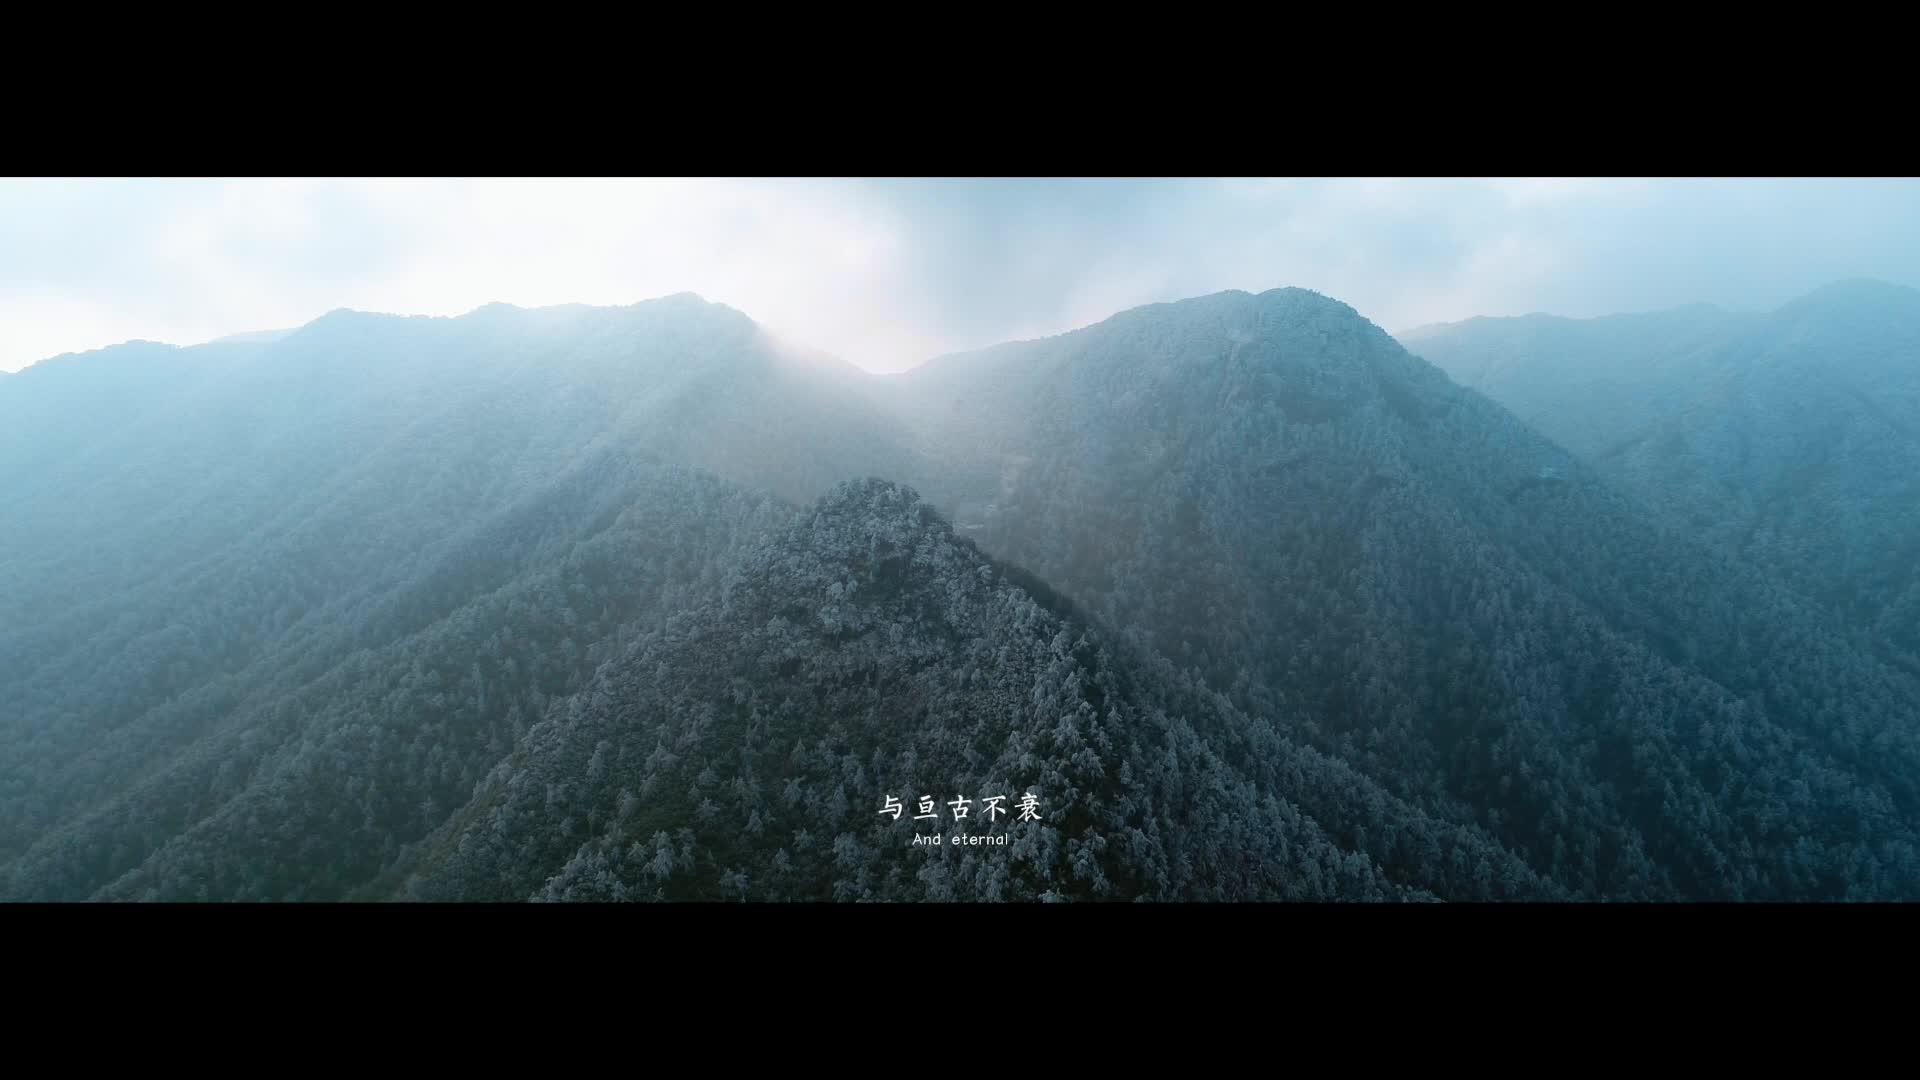 官宣!百山祖国家公园宣传片震撼发布!